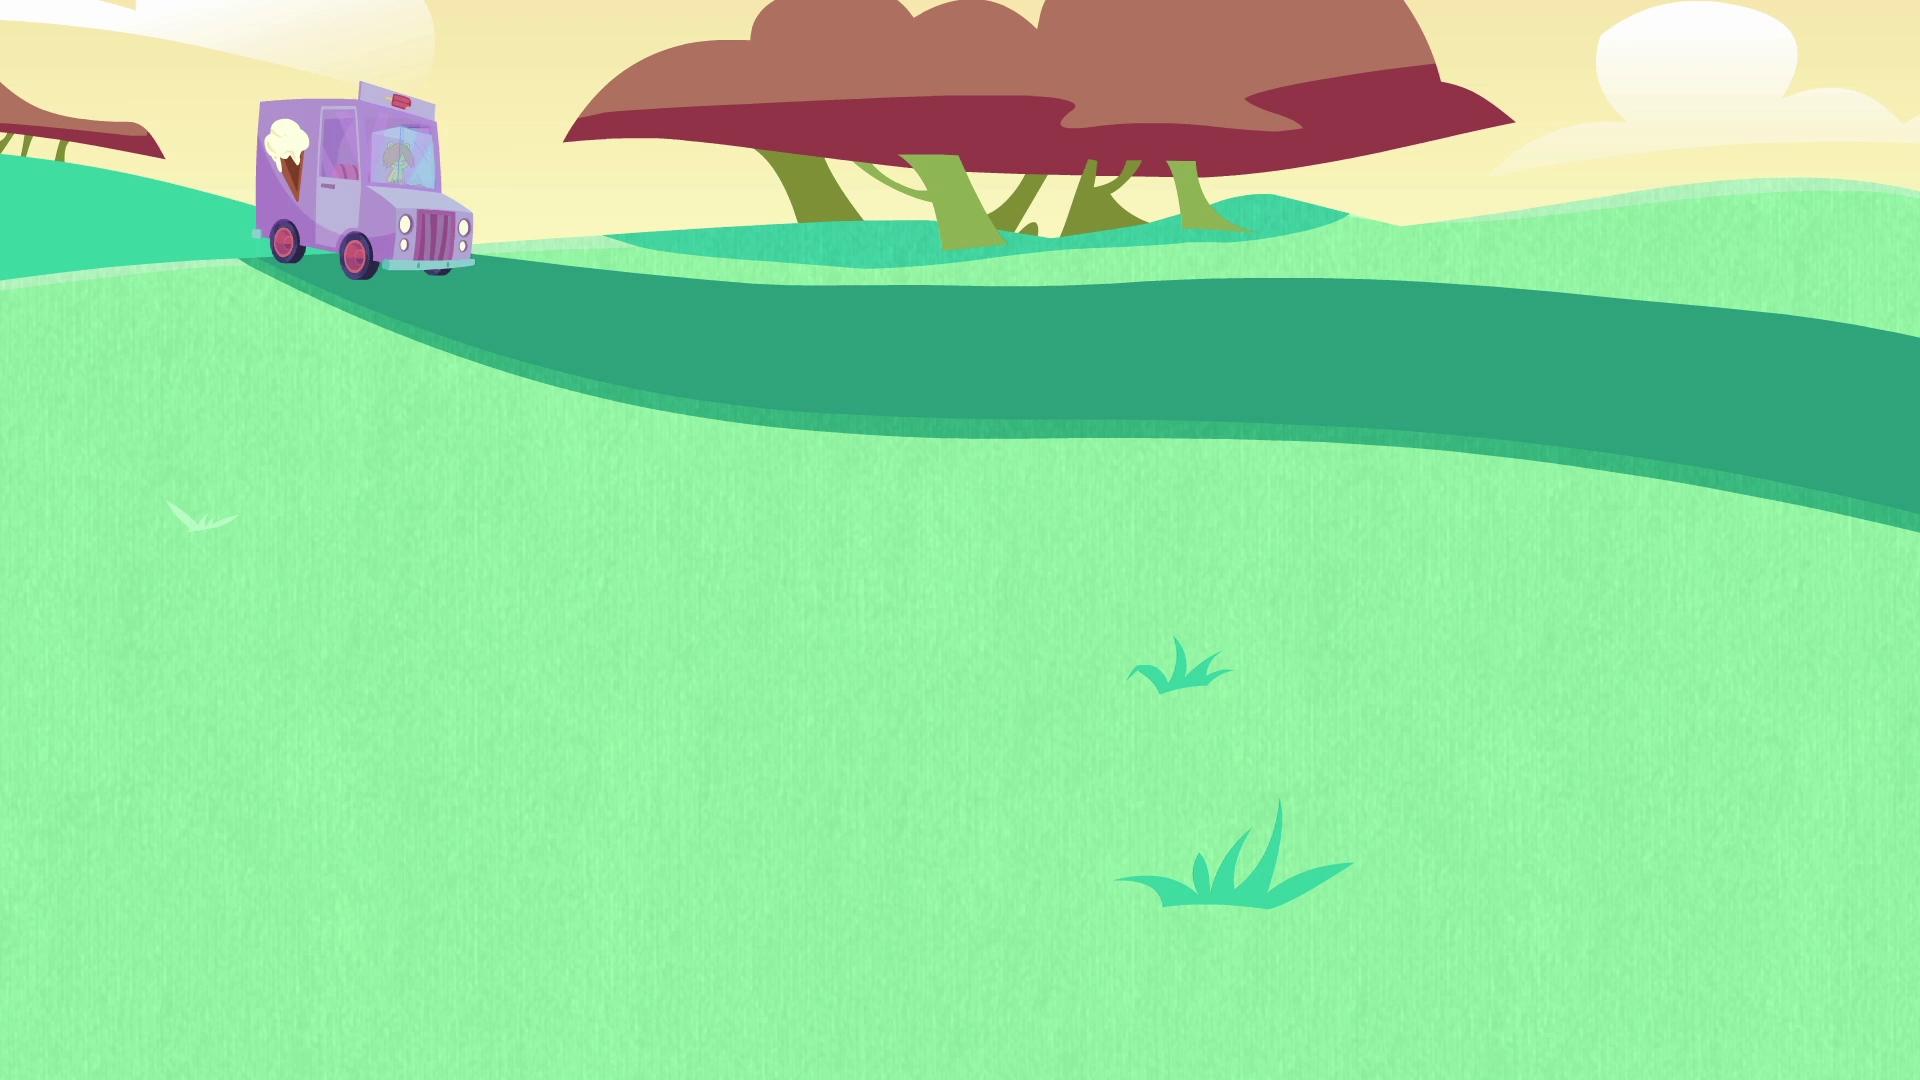 هپی تری فرندز happy tree friends-فصل Season TV 2006 قسمت 20- لینک تمام قسمت ها در توضیح زیر این ویدیو است